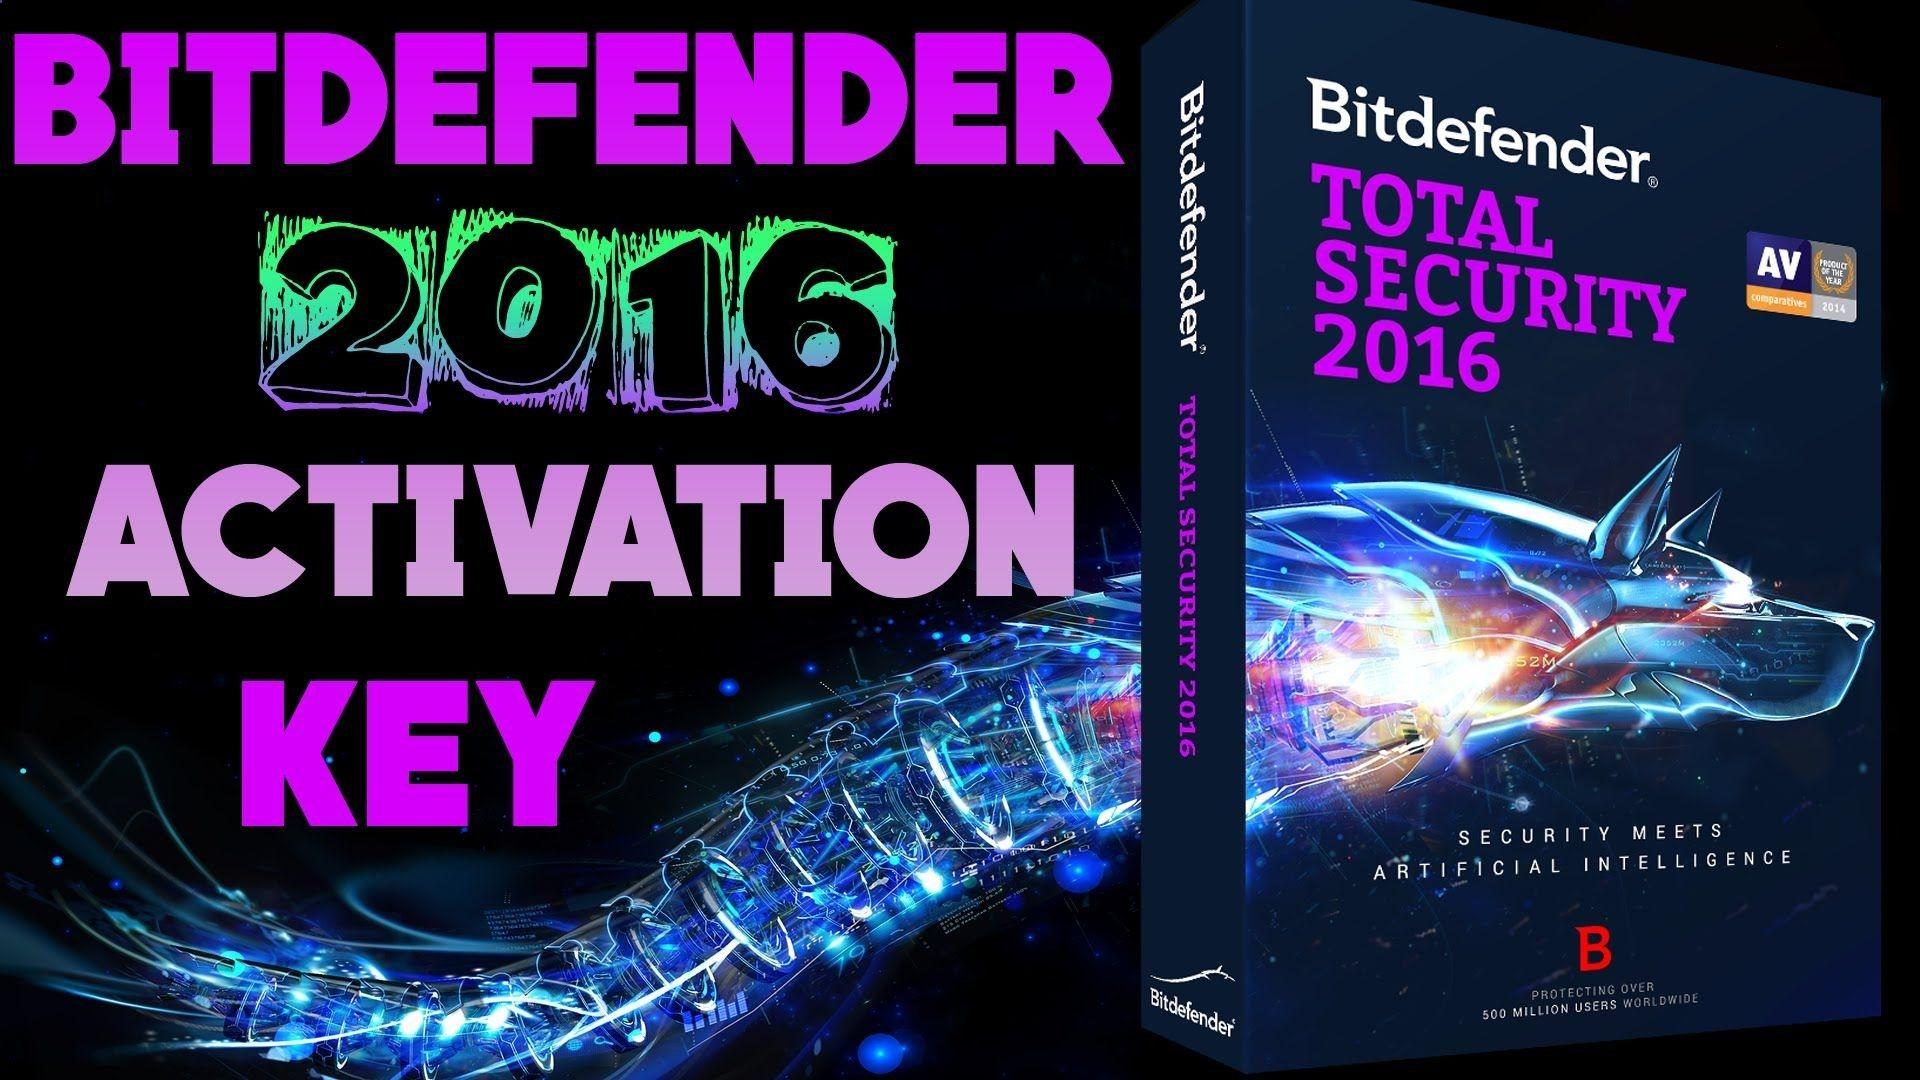 bitdefender total security 2016 keys